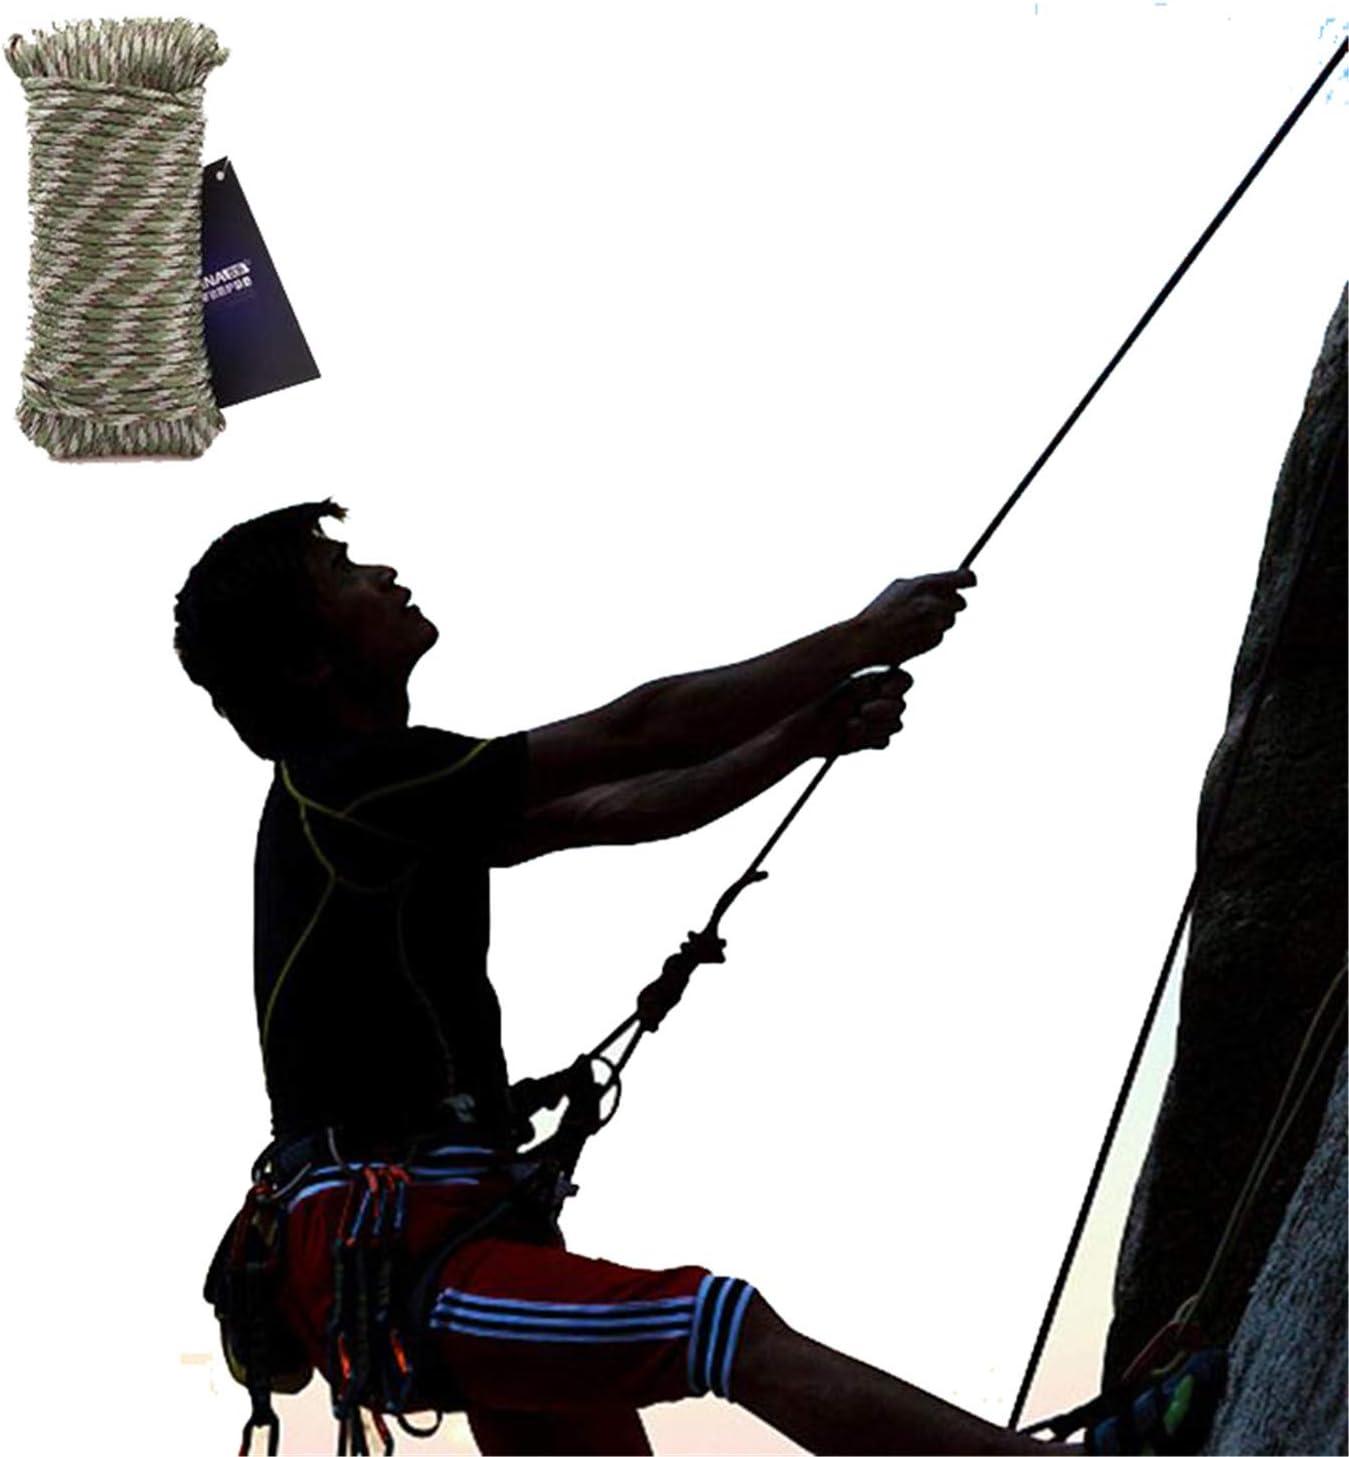 LoveW Rope Cuerda de Escalada para montaña, regulaciones ...